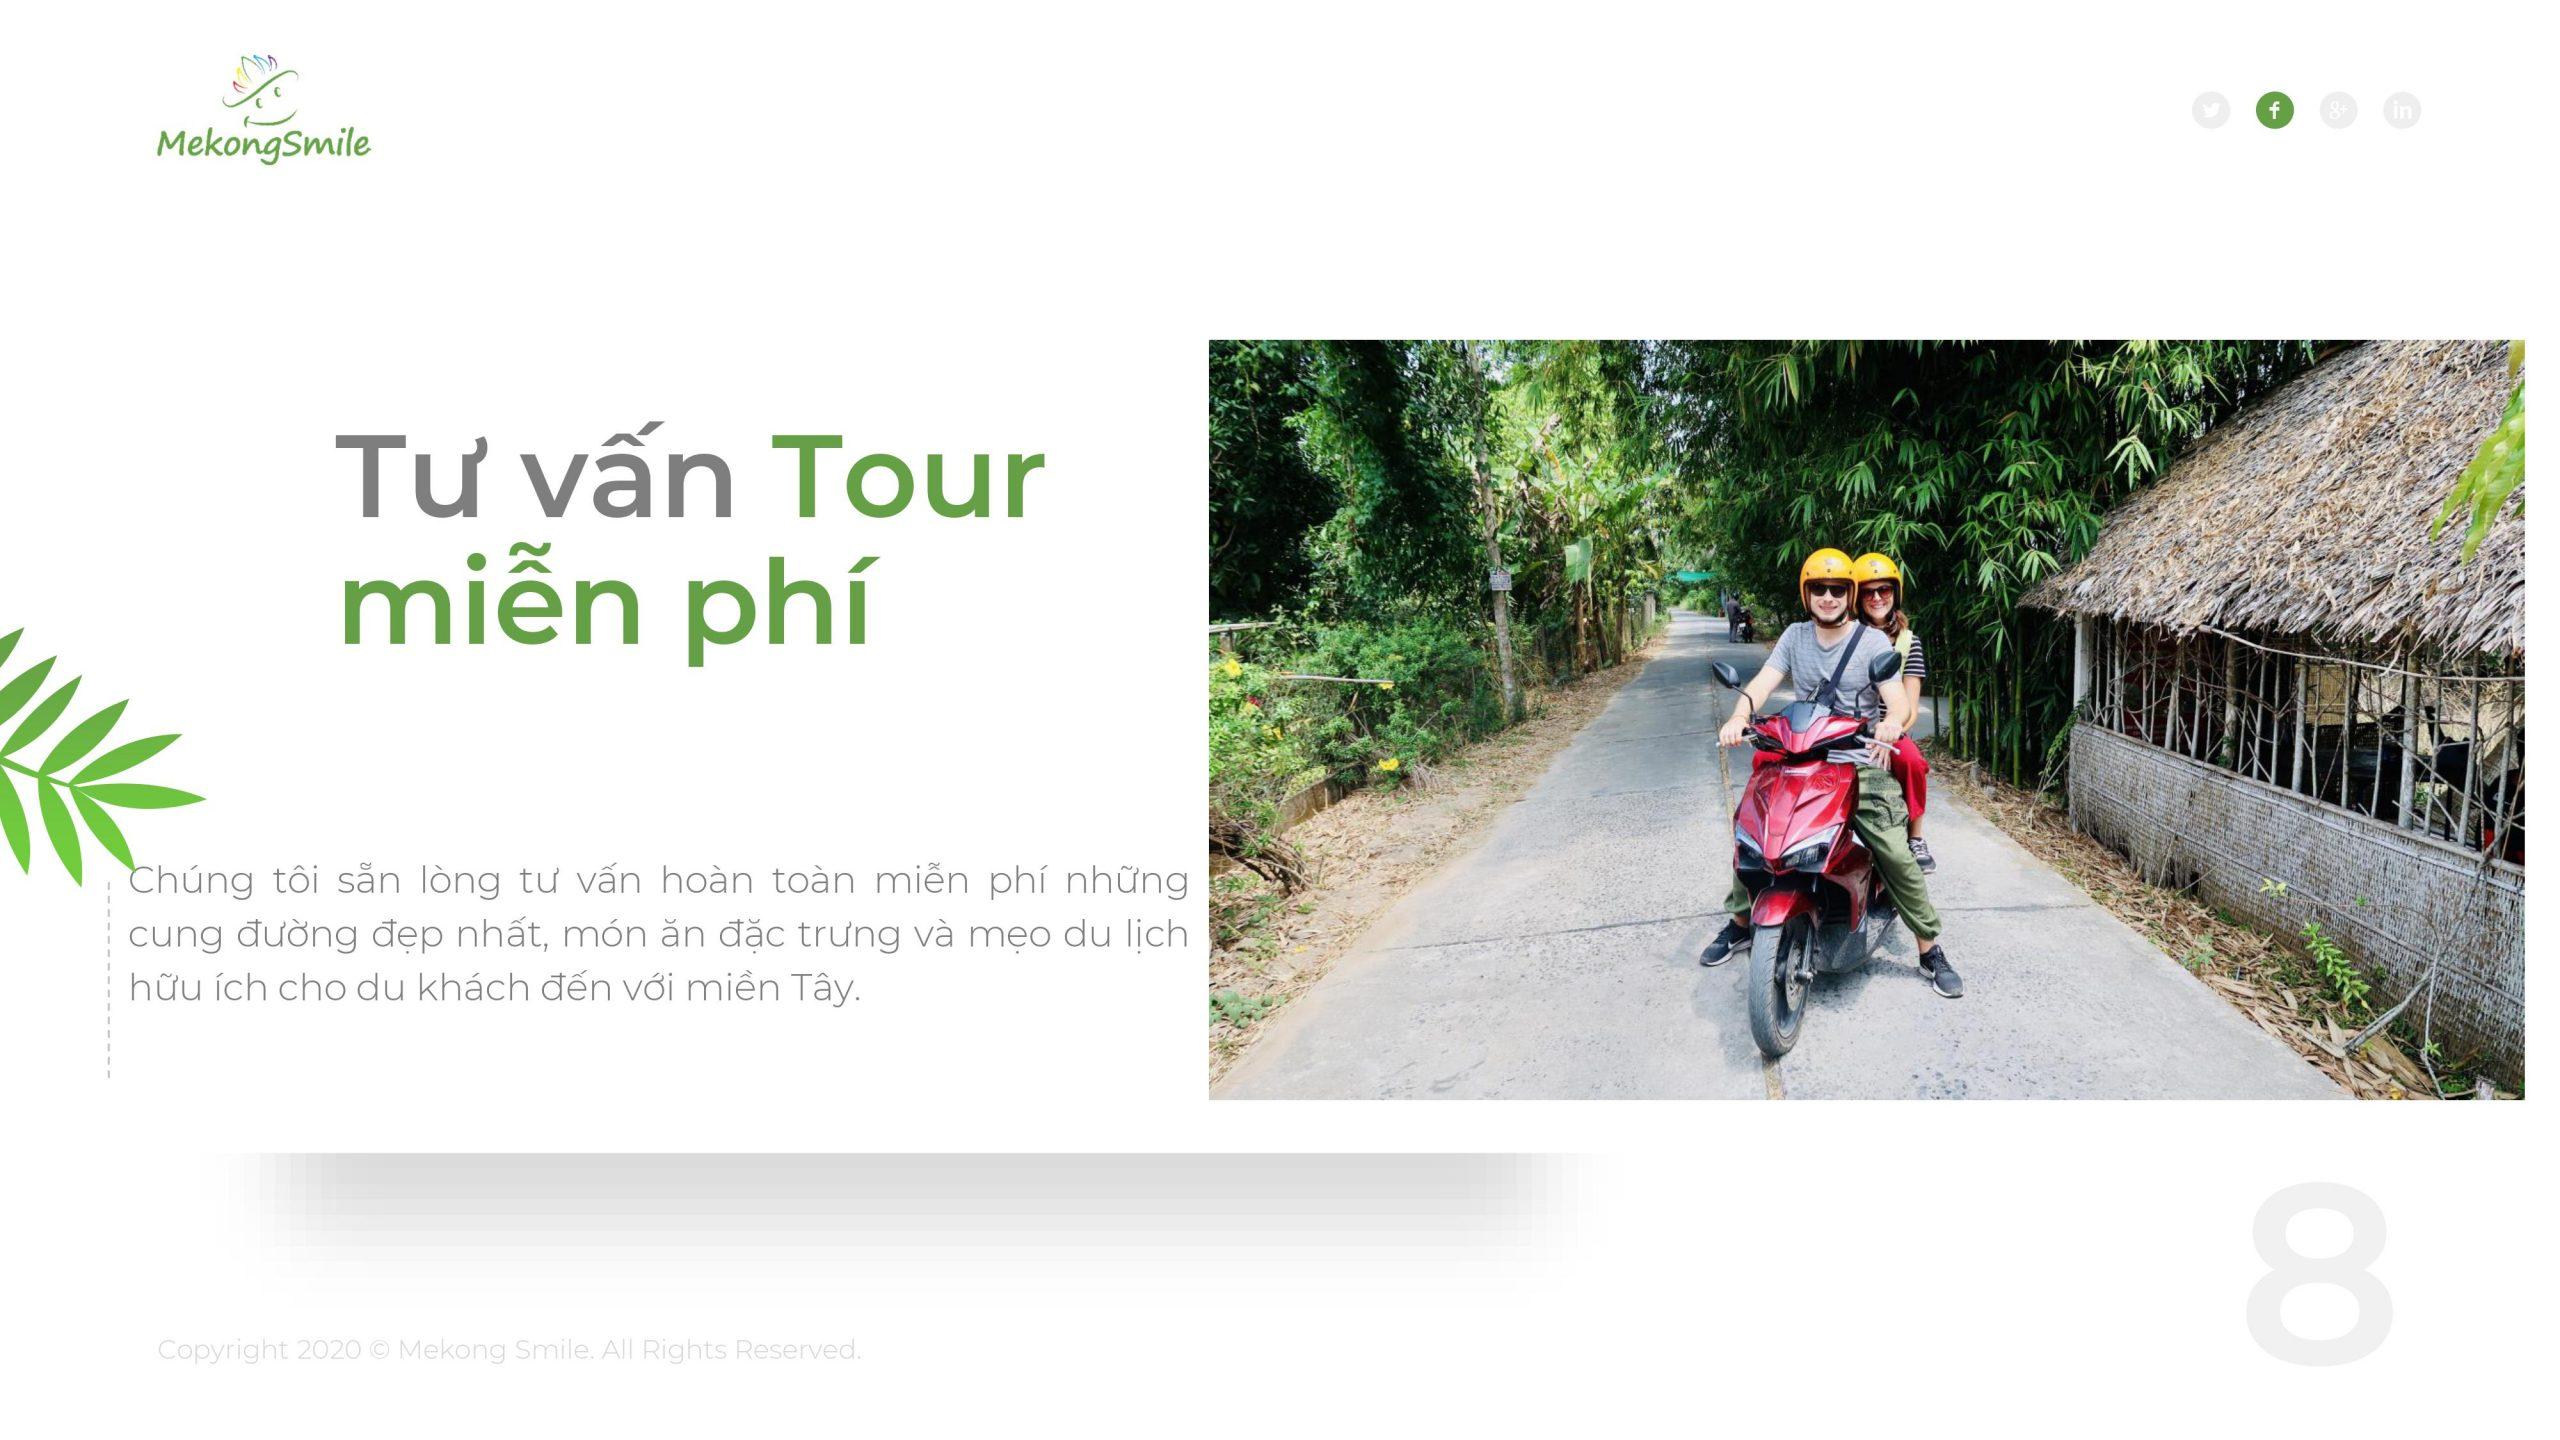 Giới thiệu về Tour Cần Thơ - Đơn vị lữ hành chuyên tour miền Tây